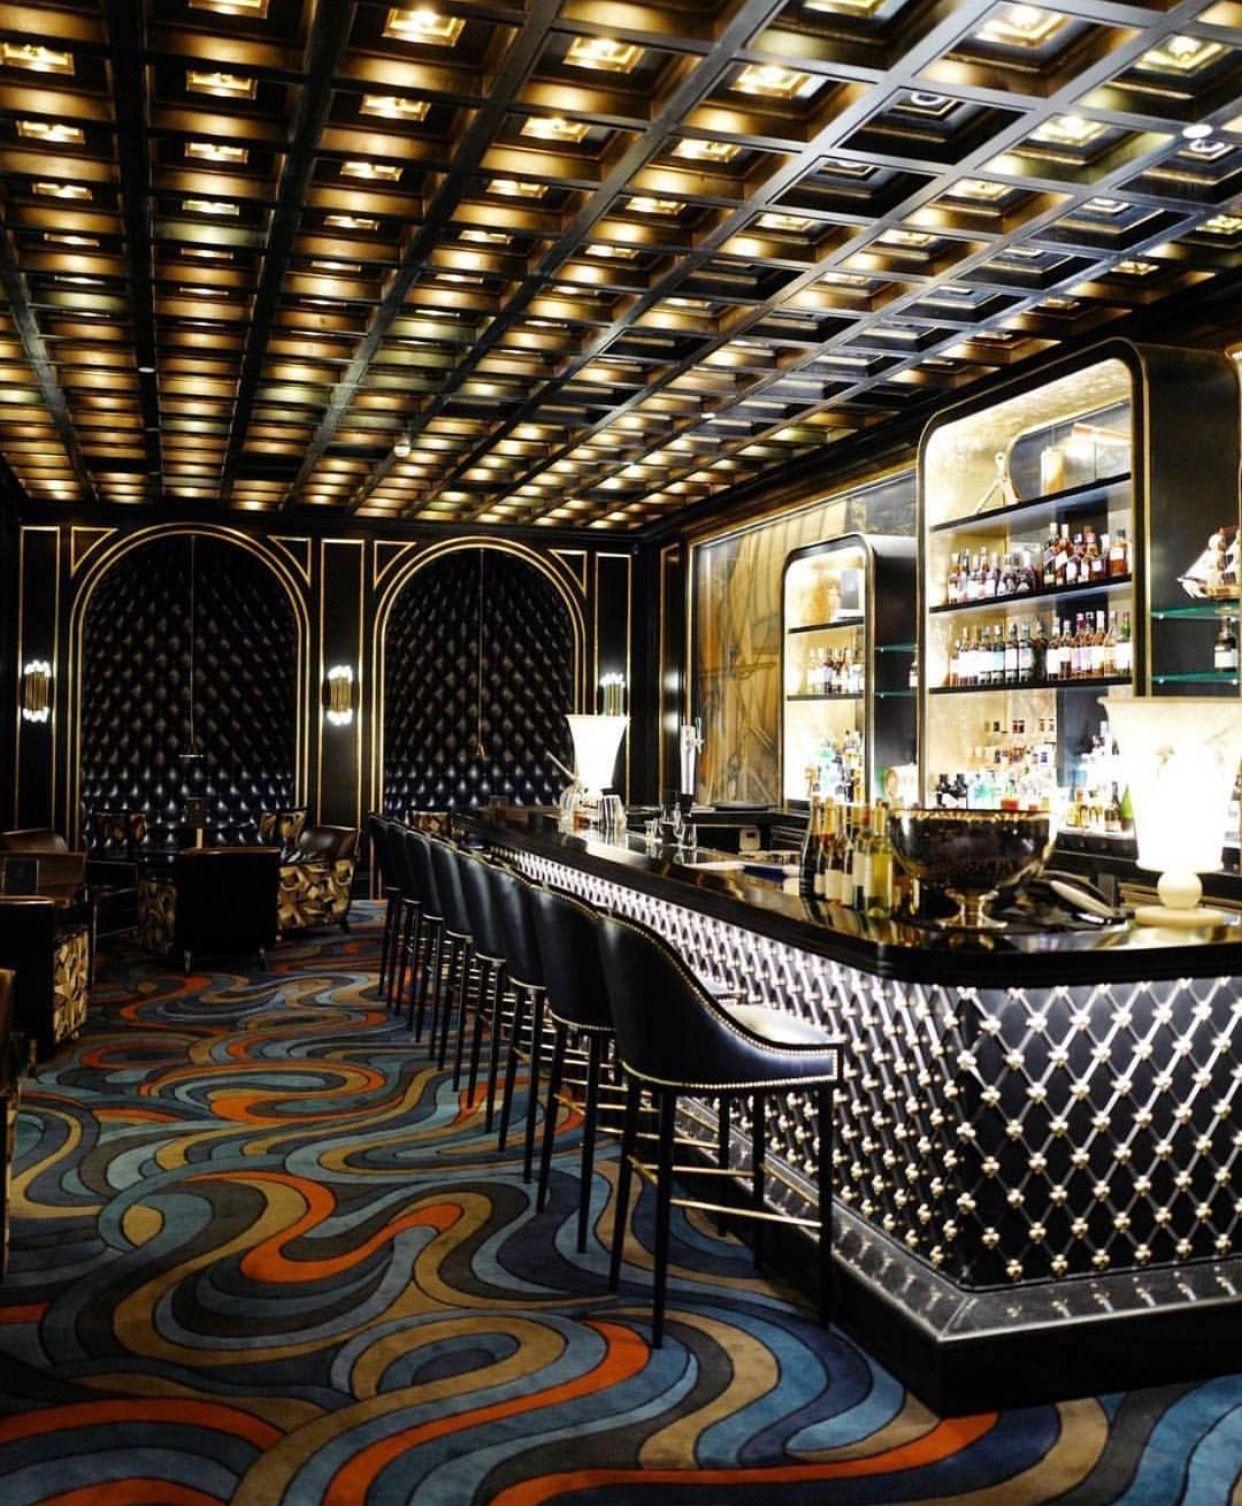 From T C Hotel Interiors Hotel Interior Design Architecture Design